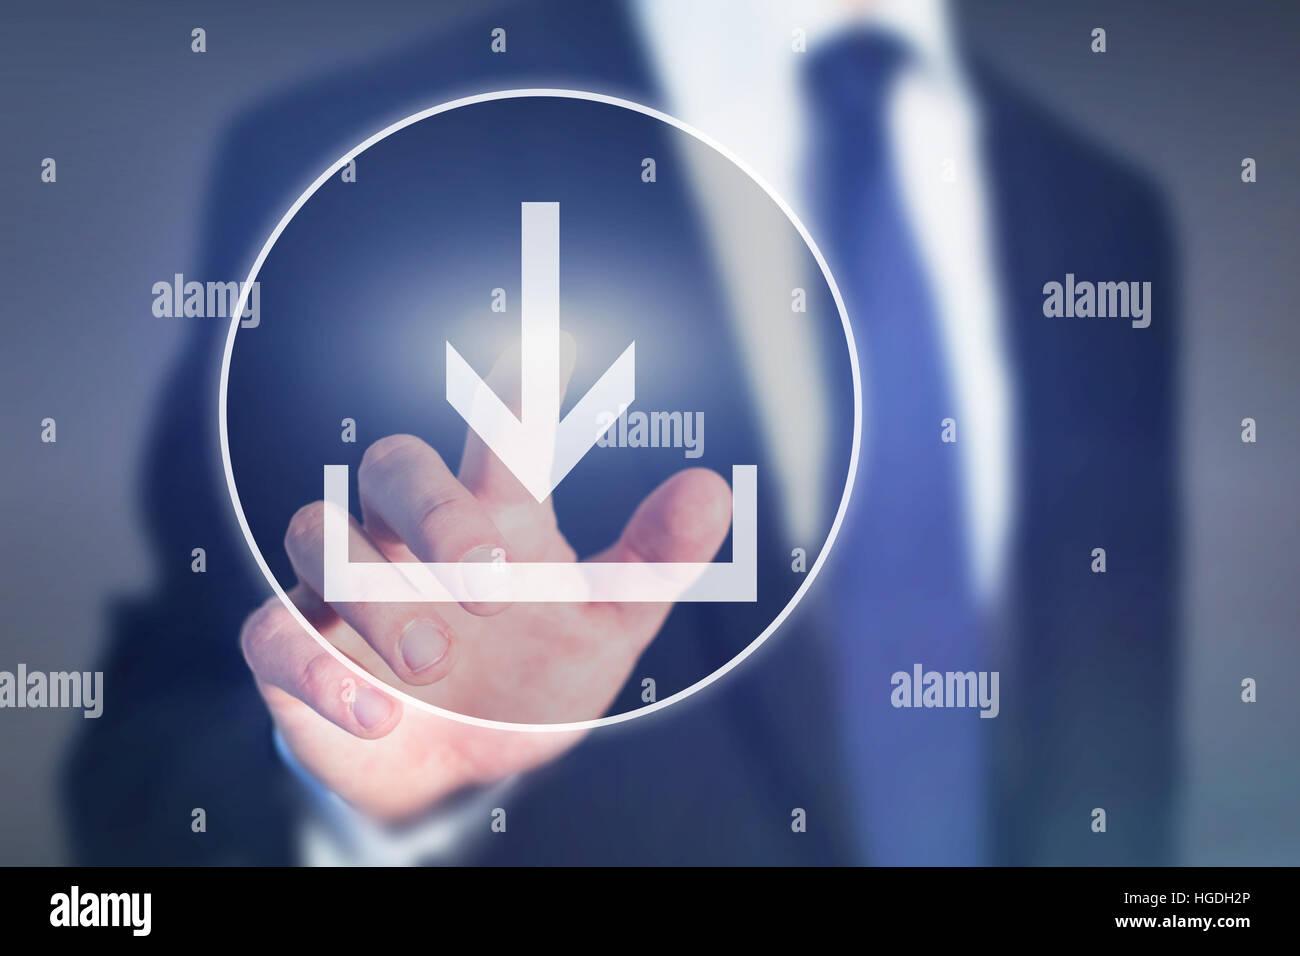 Bouton Télécharger sur écran tactile, de la notion de charge, de transférer des données Photo Stock